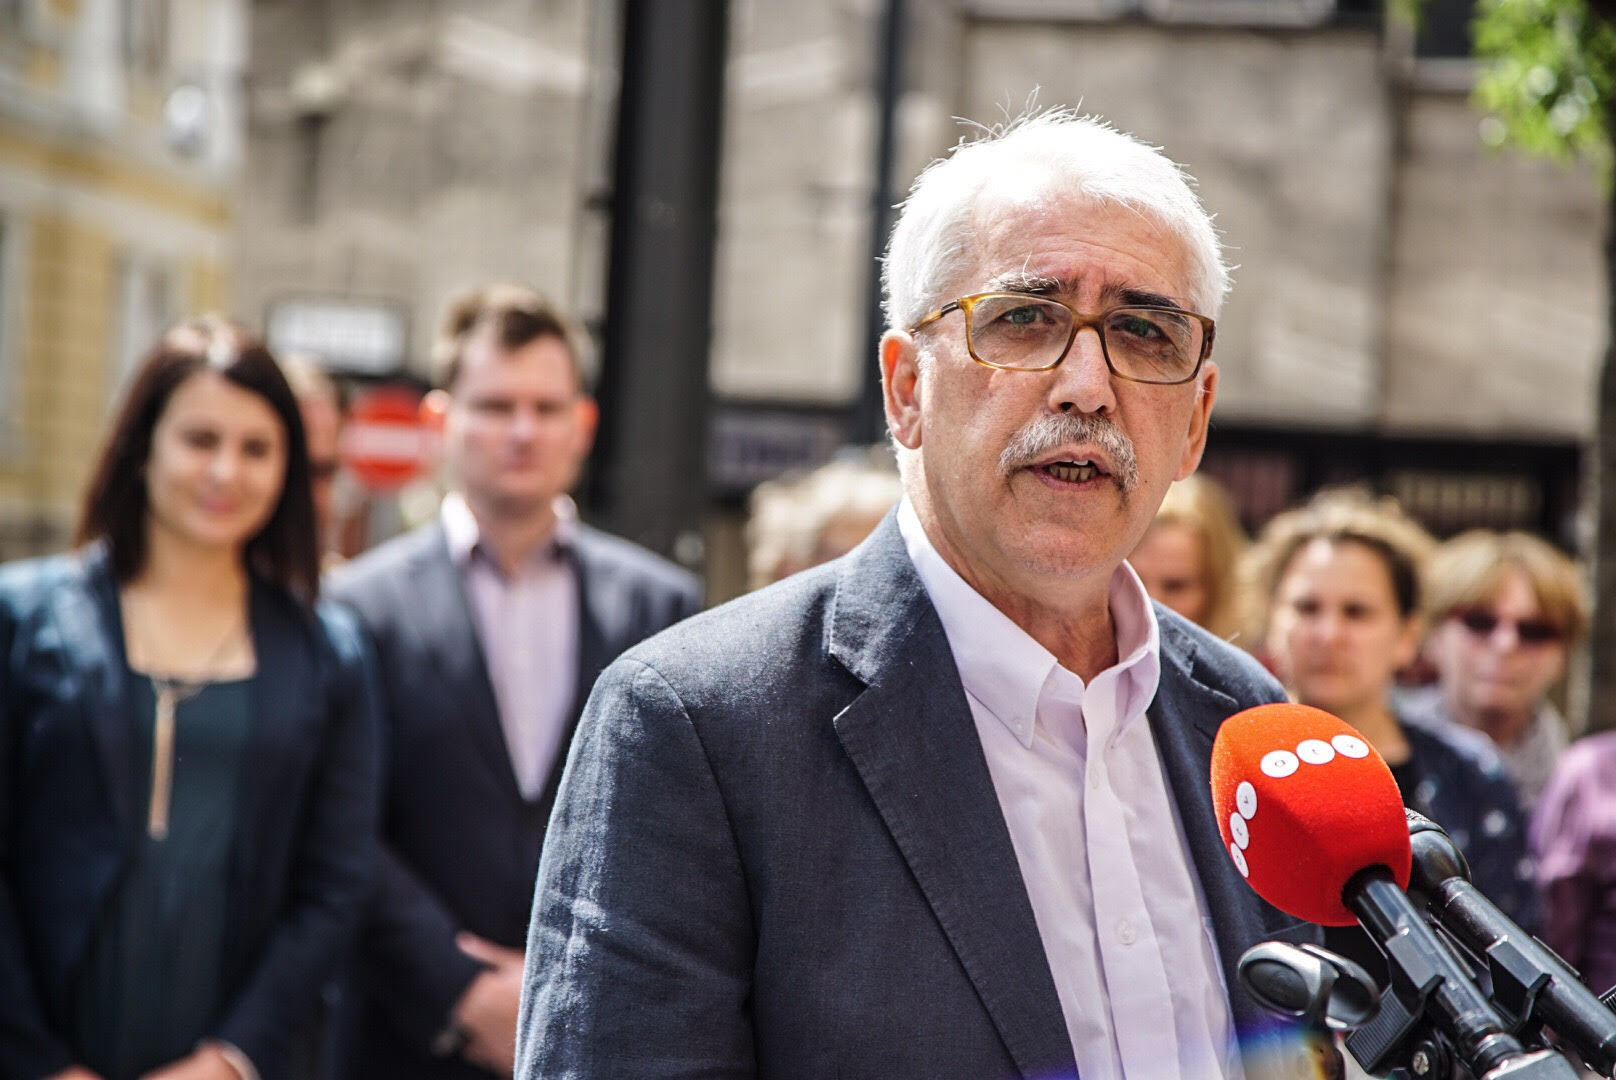 Független jelölt mögé állnak be az ellenzéki pártok Józsefvárosban